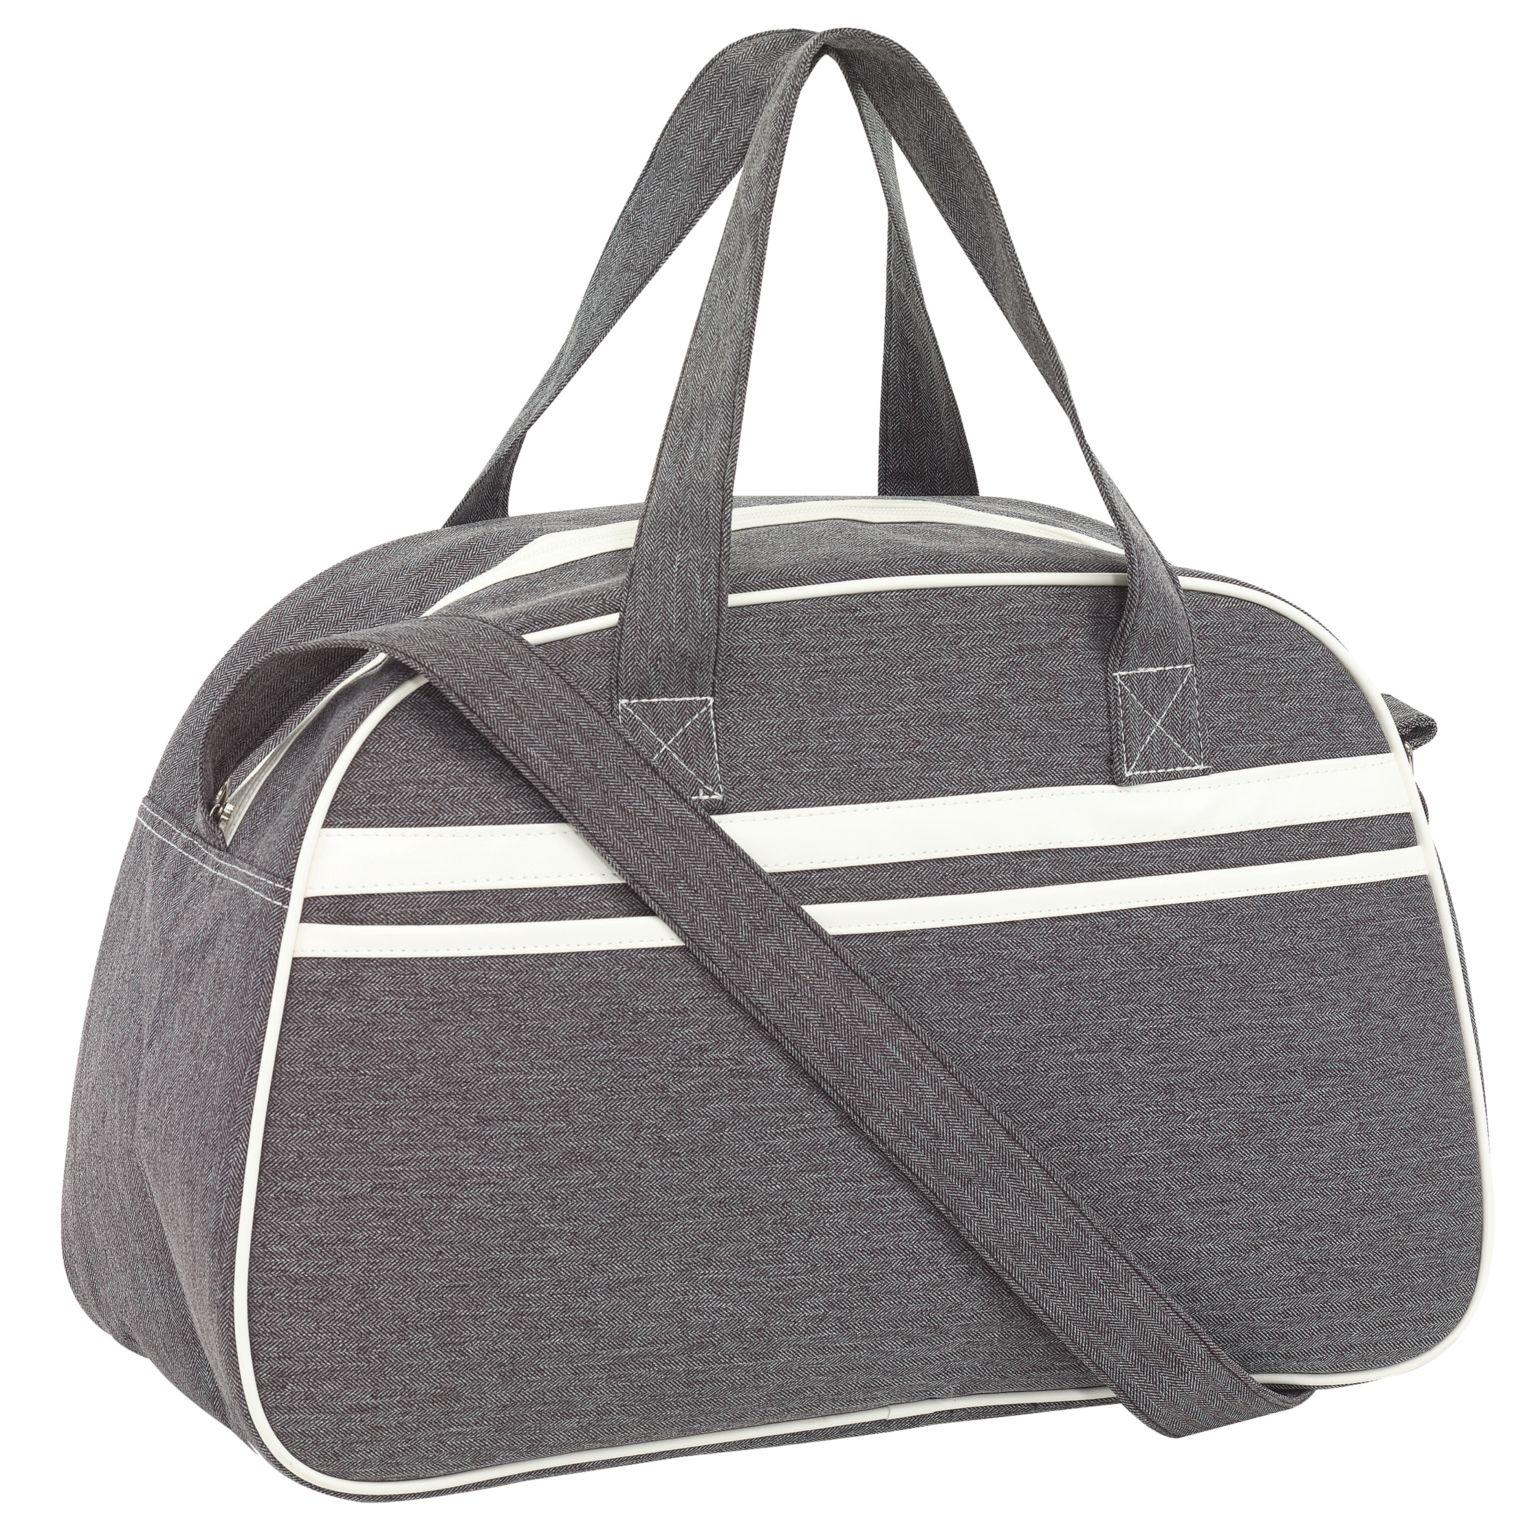 Sports bag VINTAGE